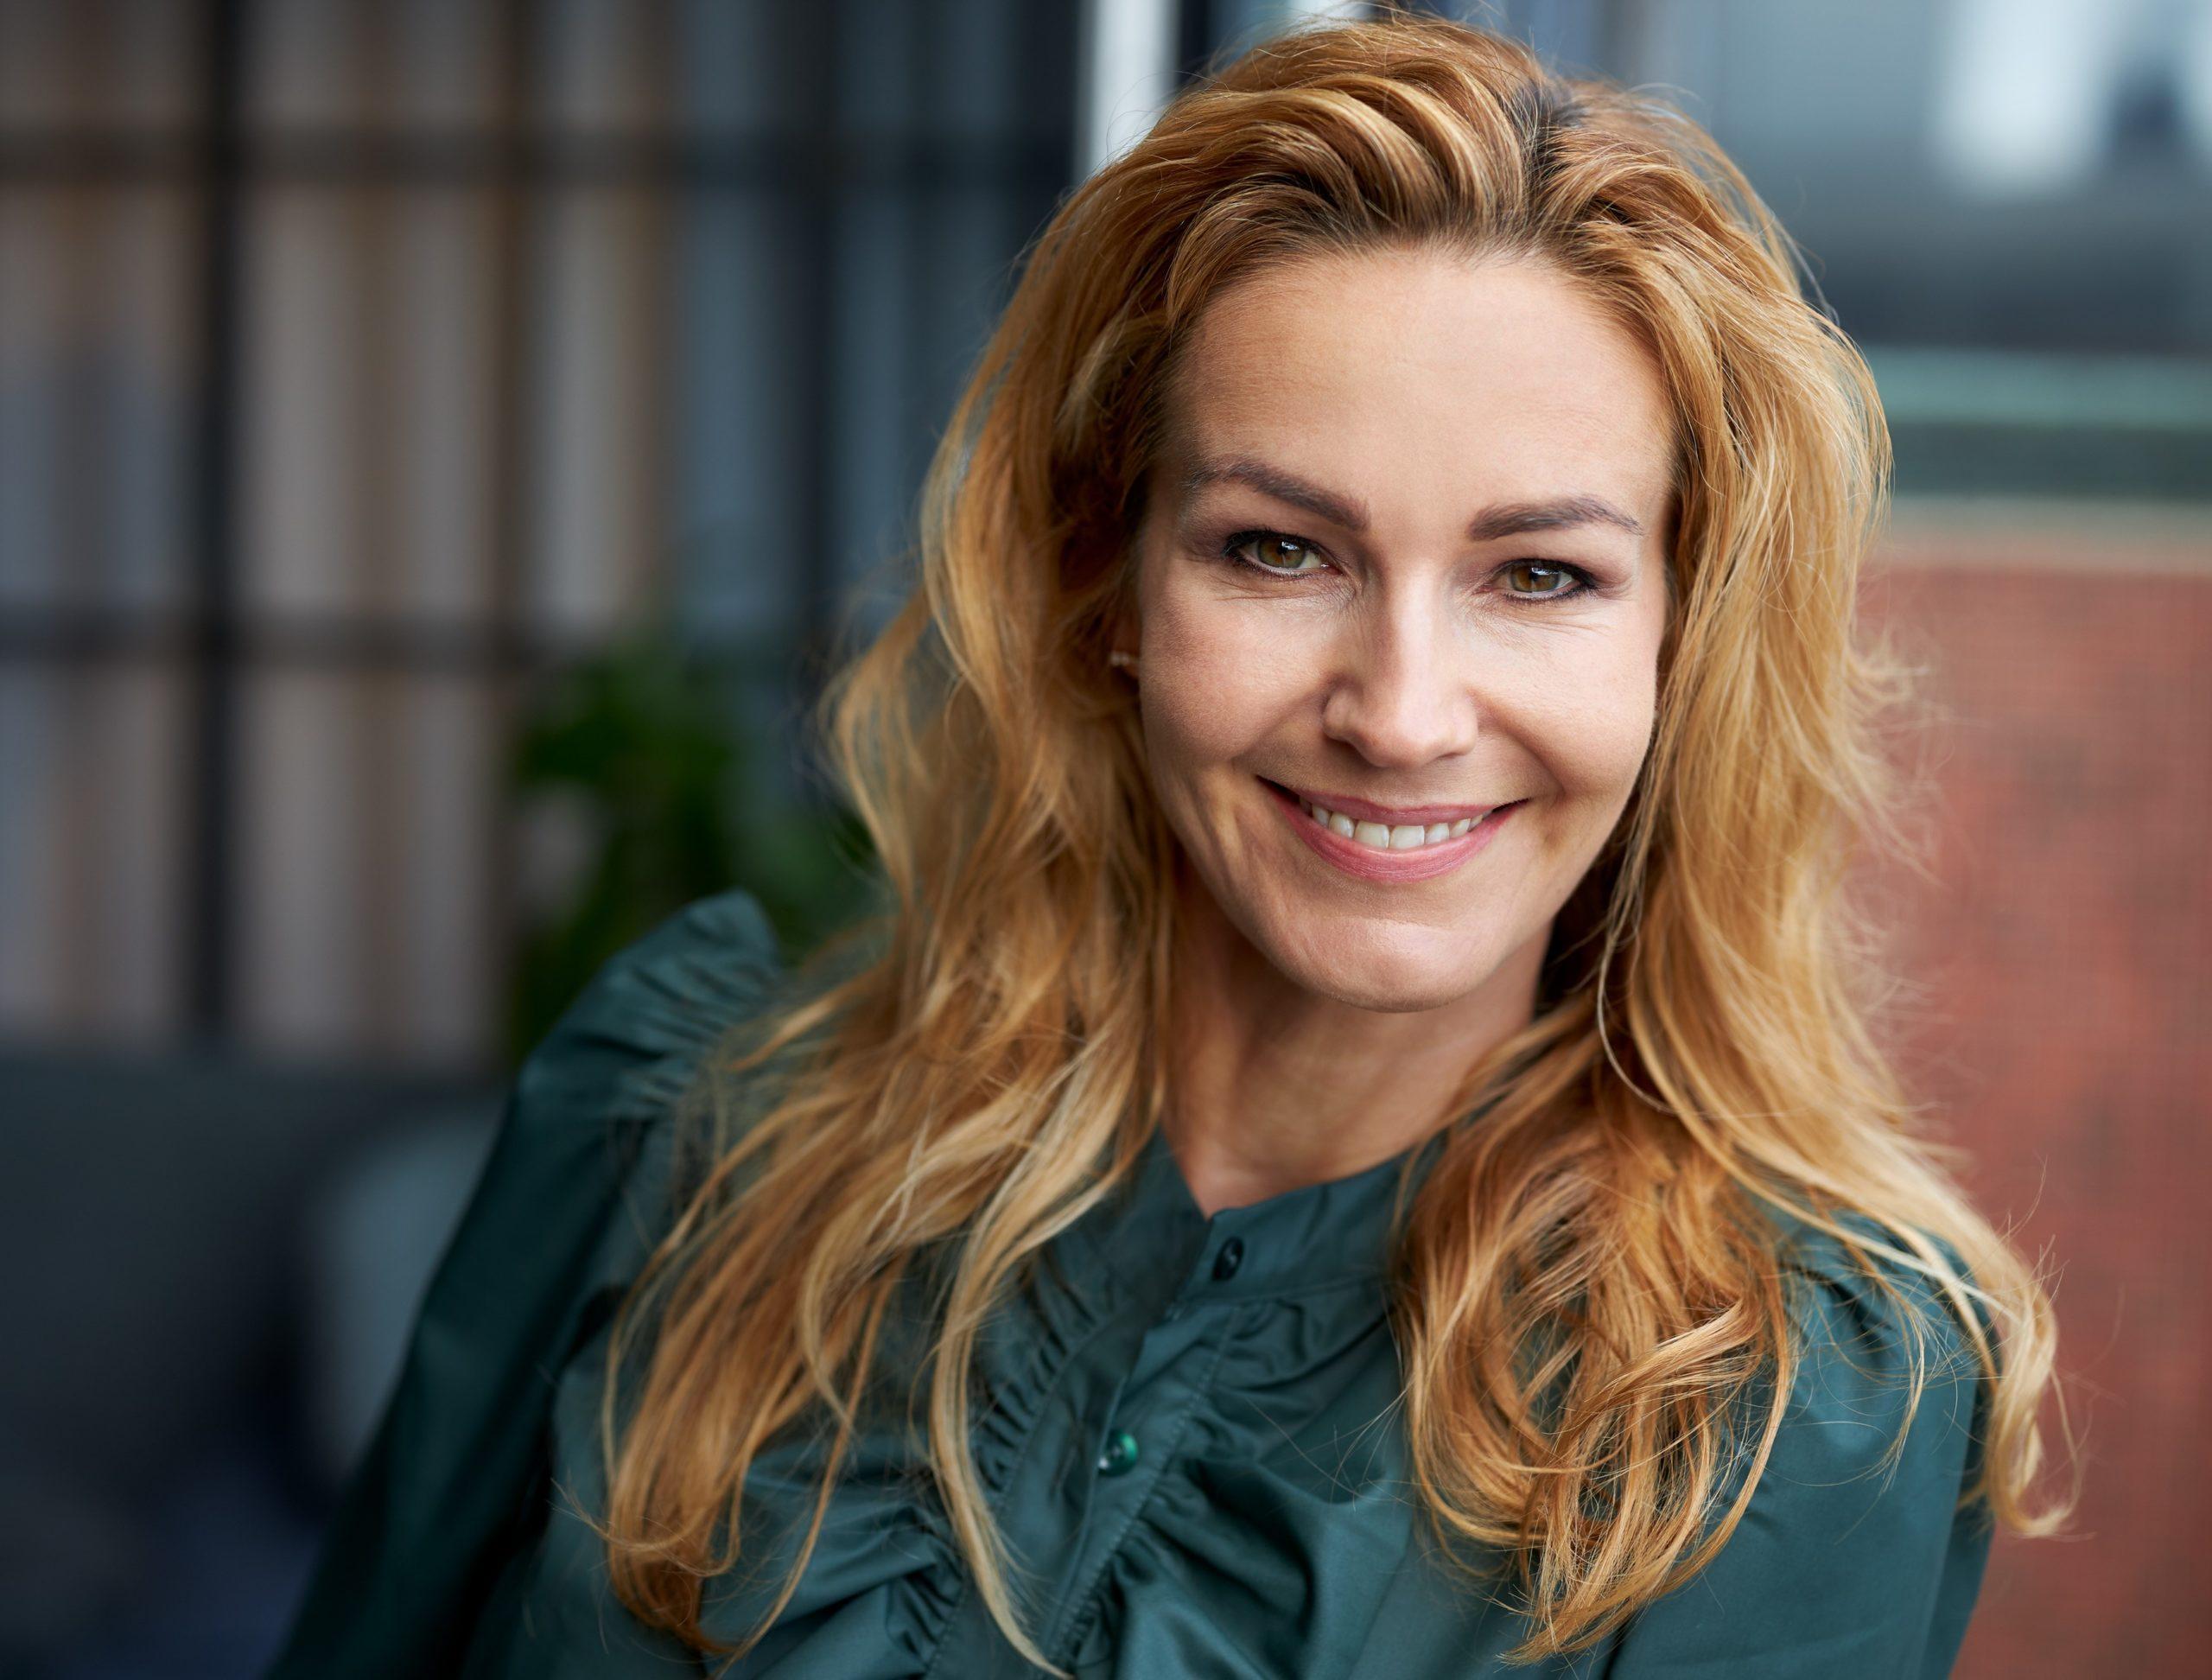 Cecilia Hjort Bruun